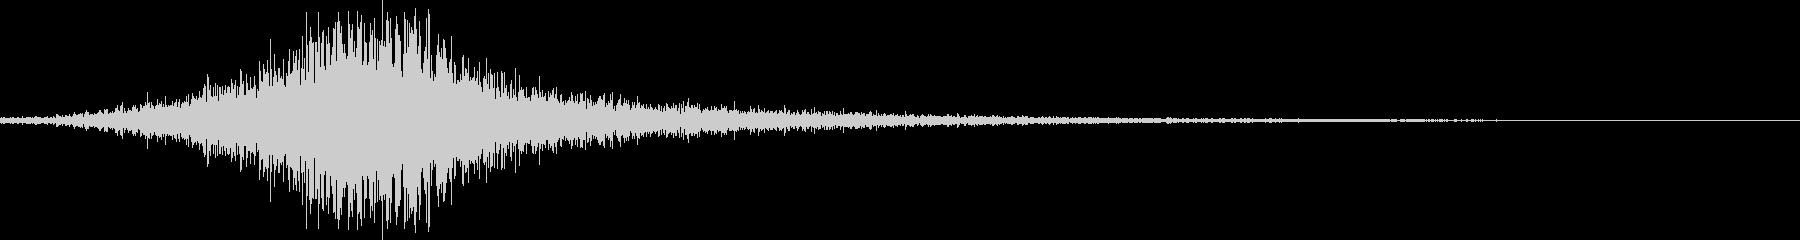 シャッ!場面転換/迫力の風切り音 09の未再生の波形